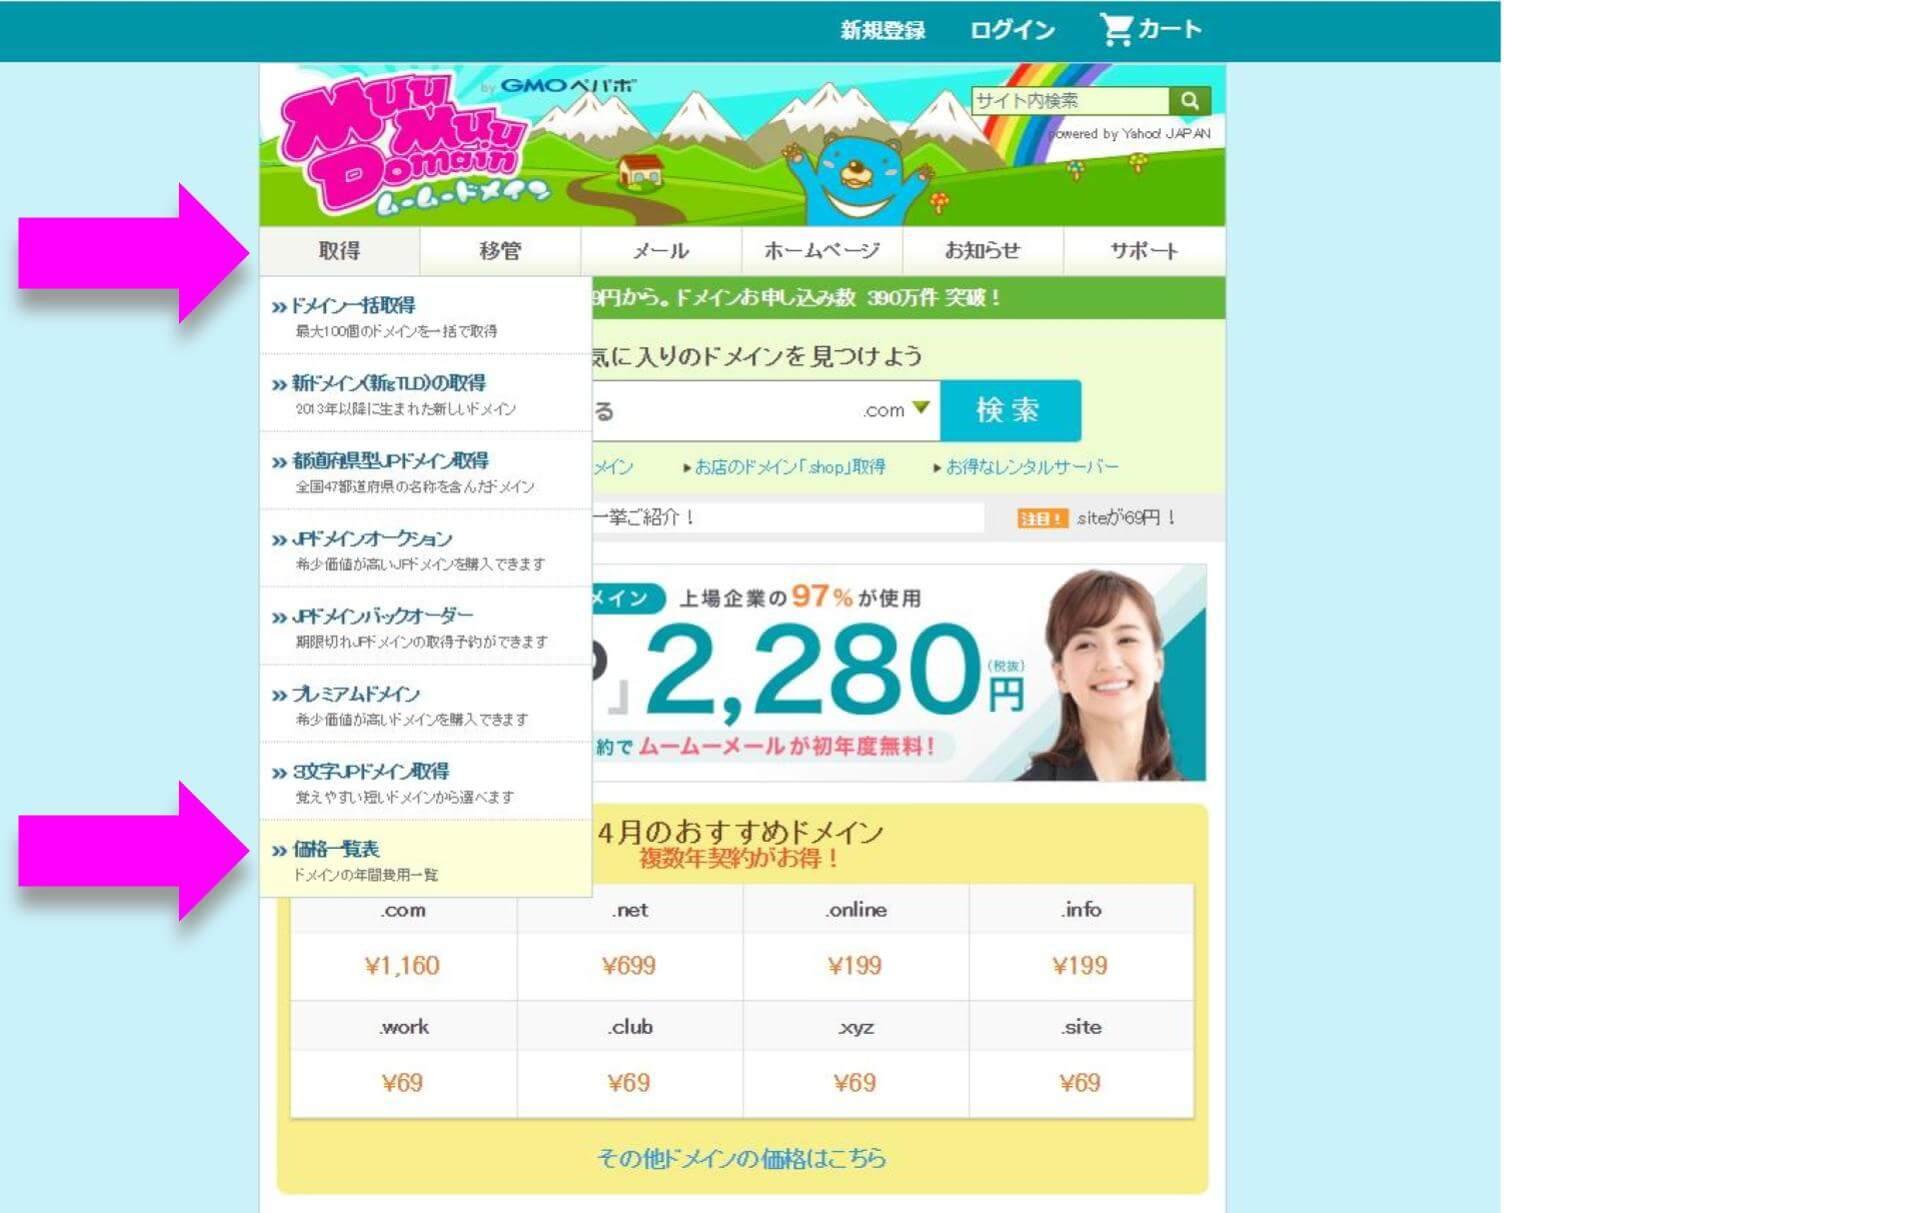 ムームードメイントップ 取得→価格一覧表